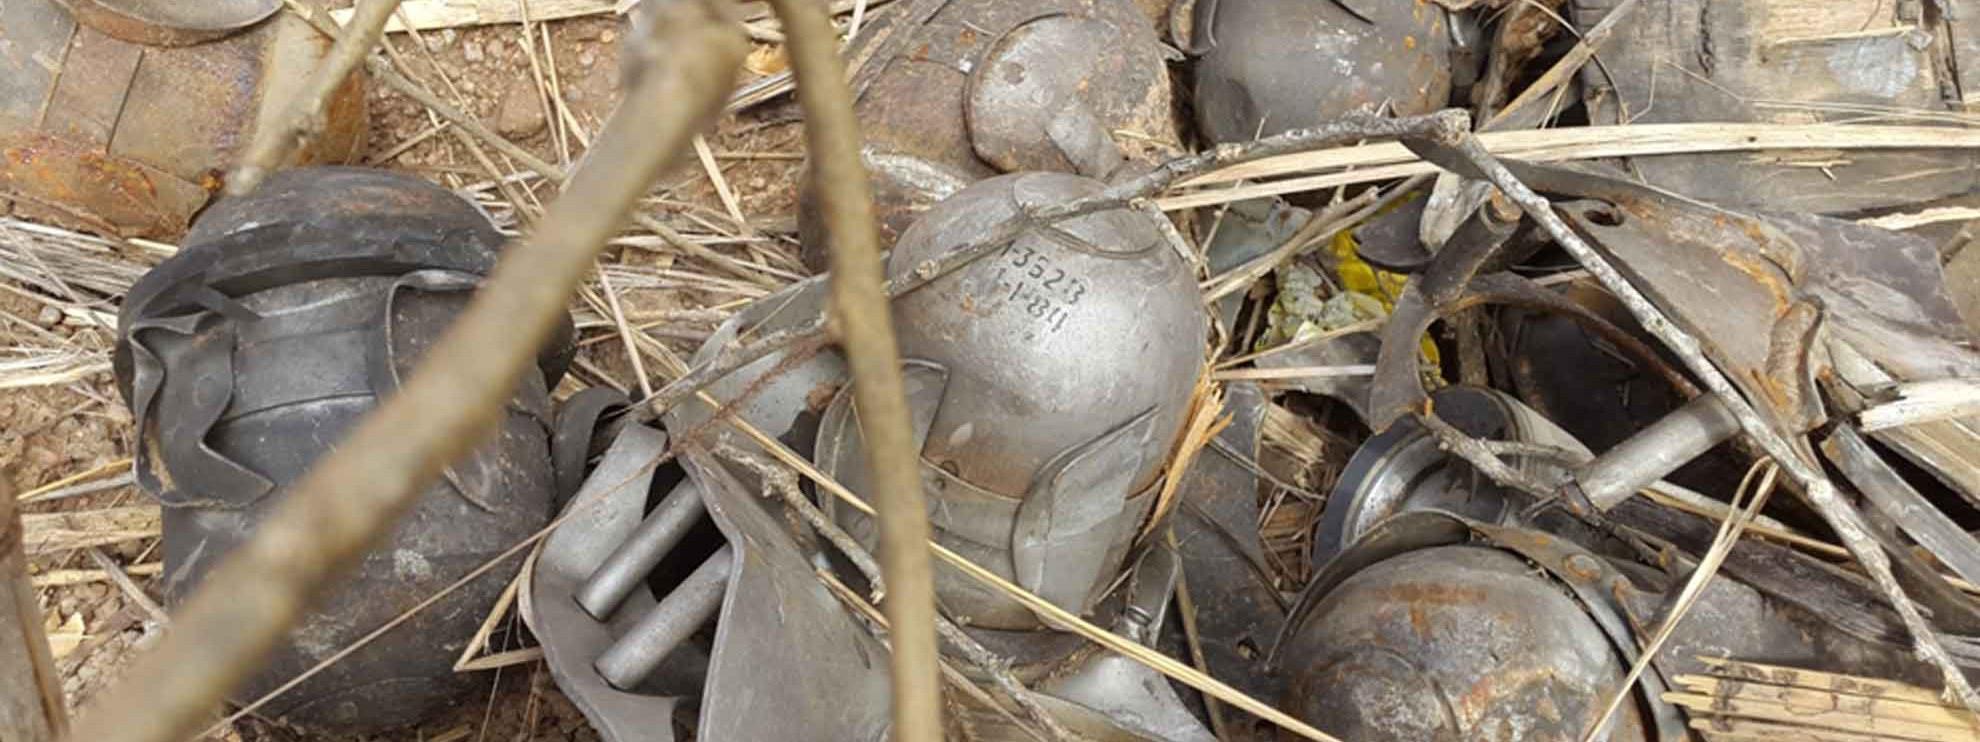 Résidus d'une bombe à fragmentation retrouvés dans une maison du Sud Kordofan, Soudan. Février 2015. © Amnesty International